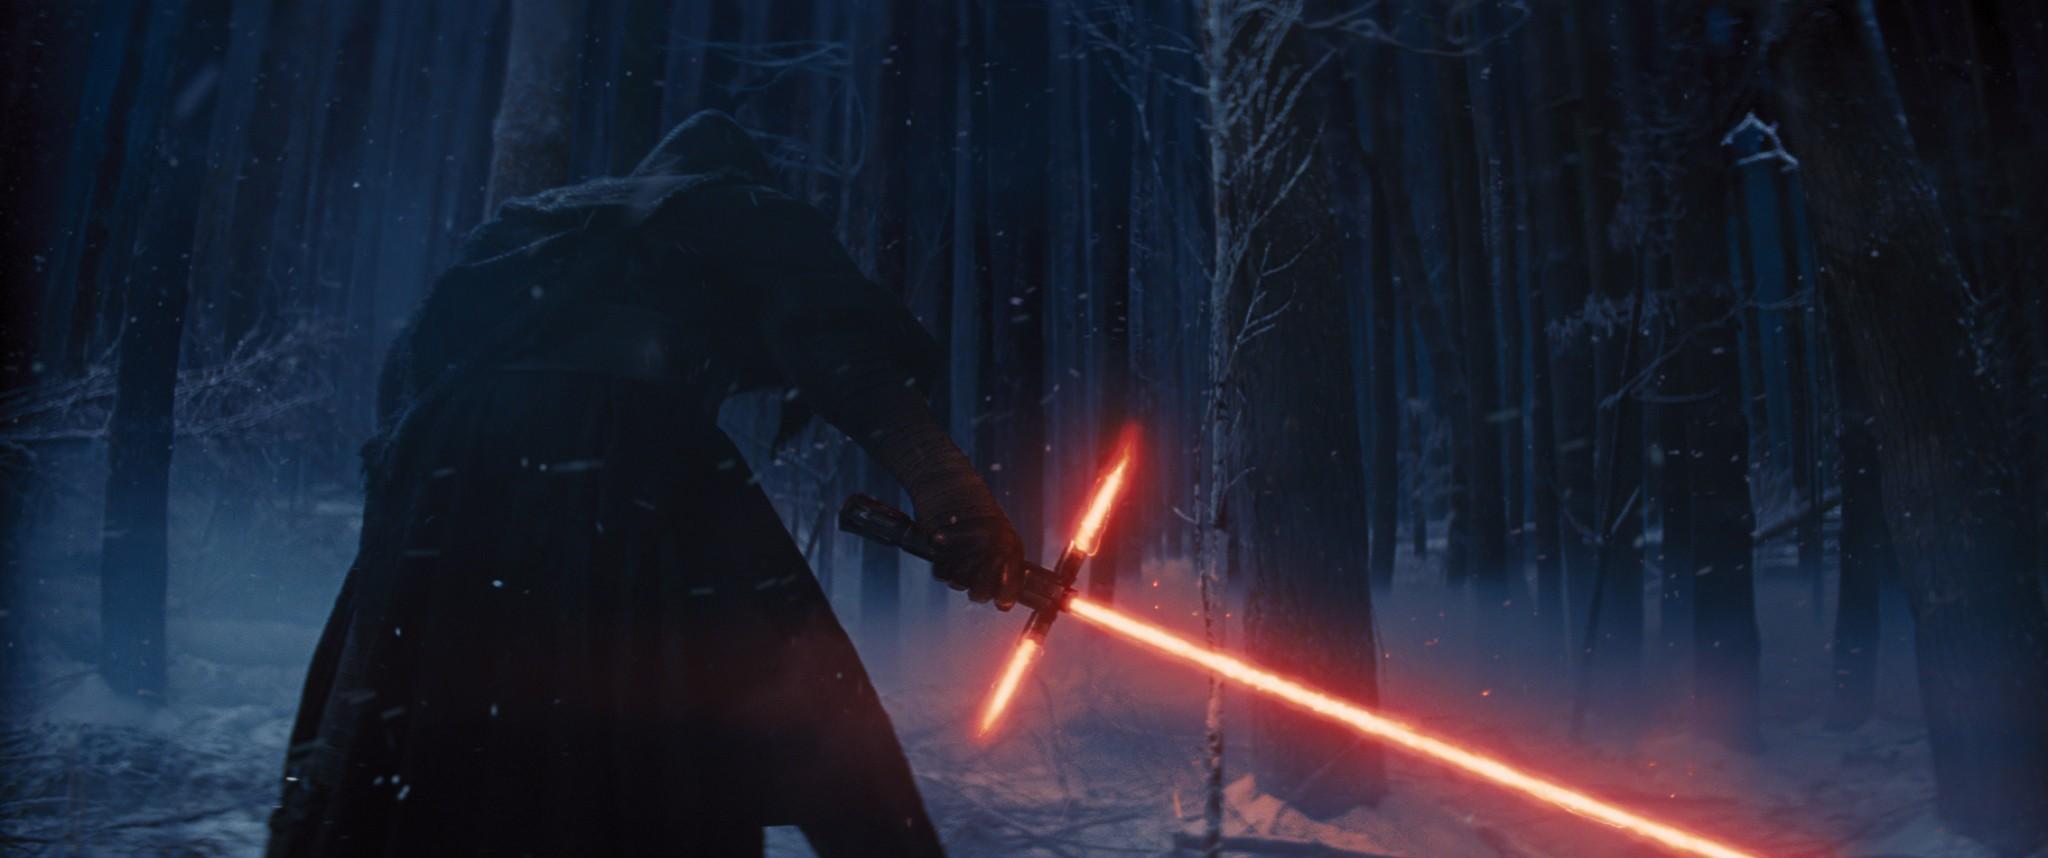 Star Wars-El despertar de la Fuerza-First Look-primeras imagenes (1)